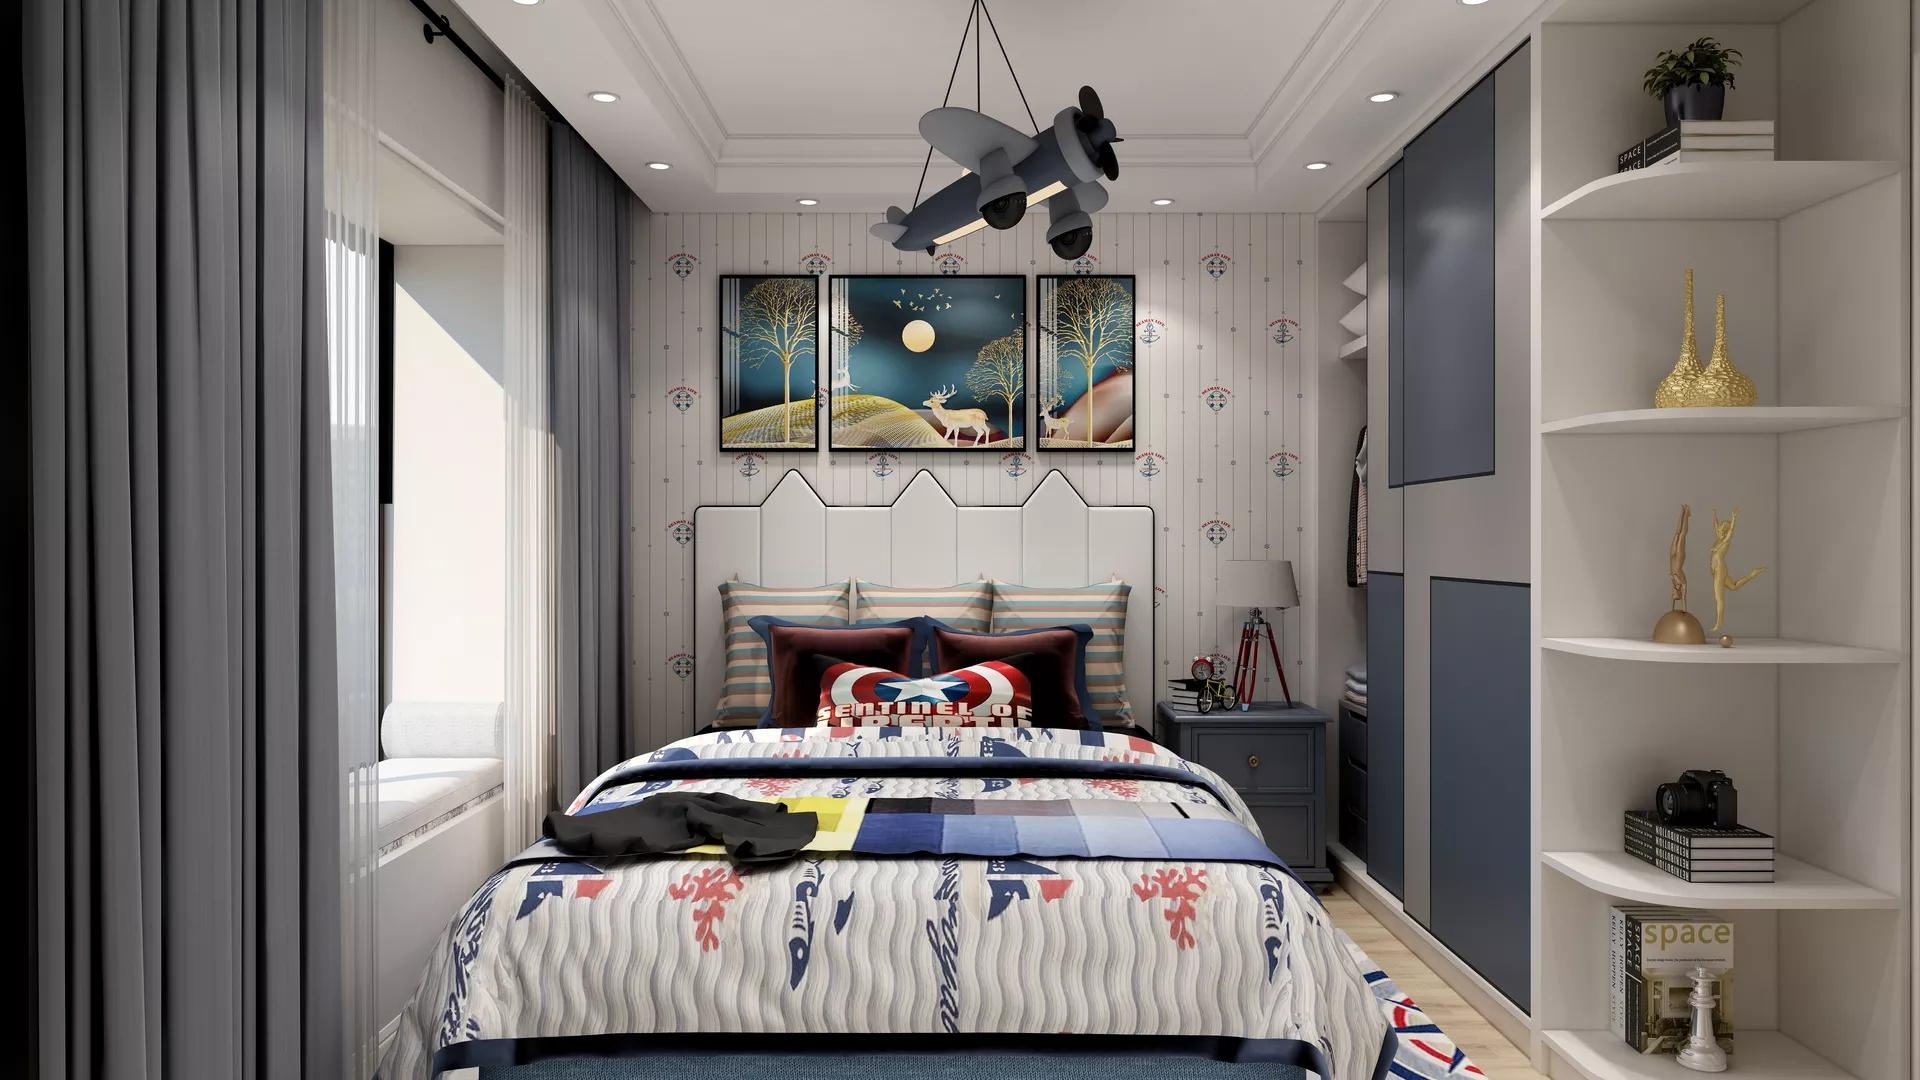 简约大气风格卧室装修效果图